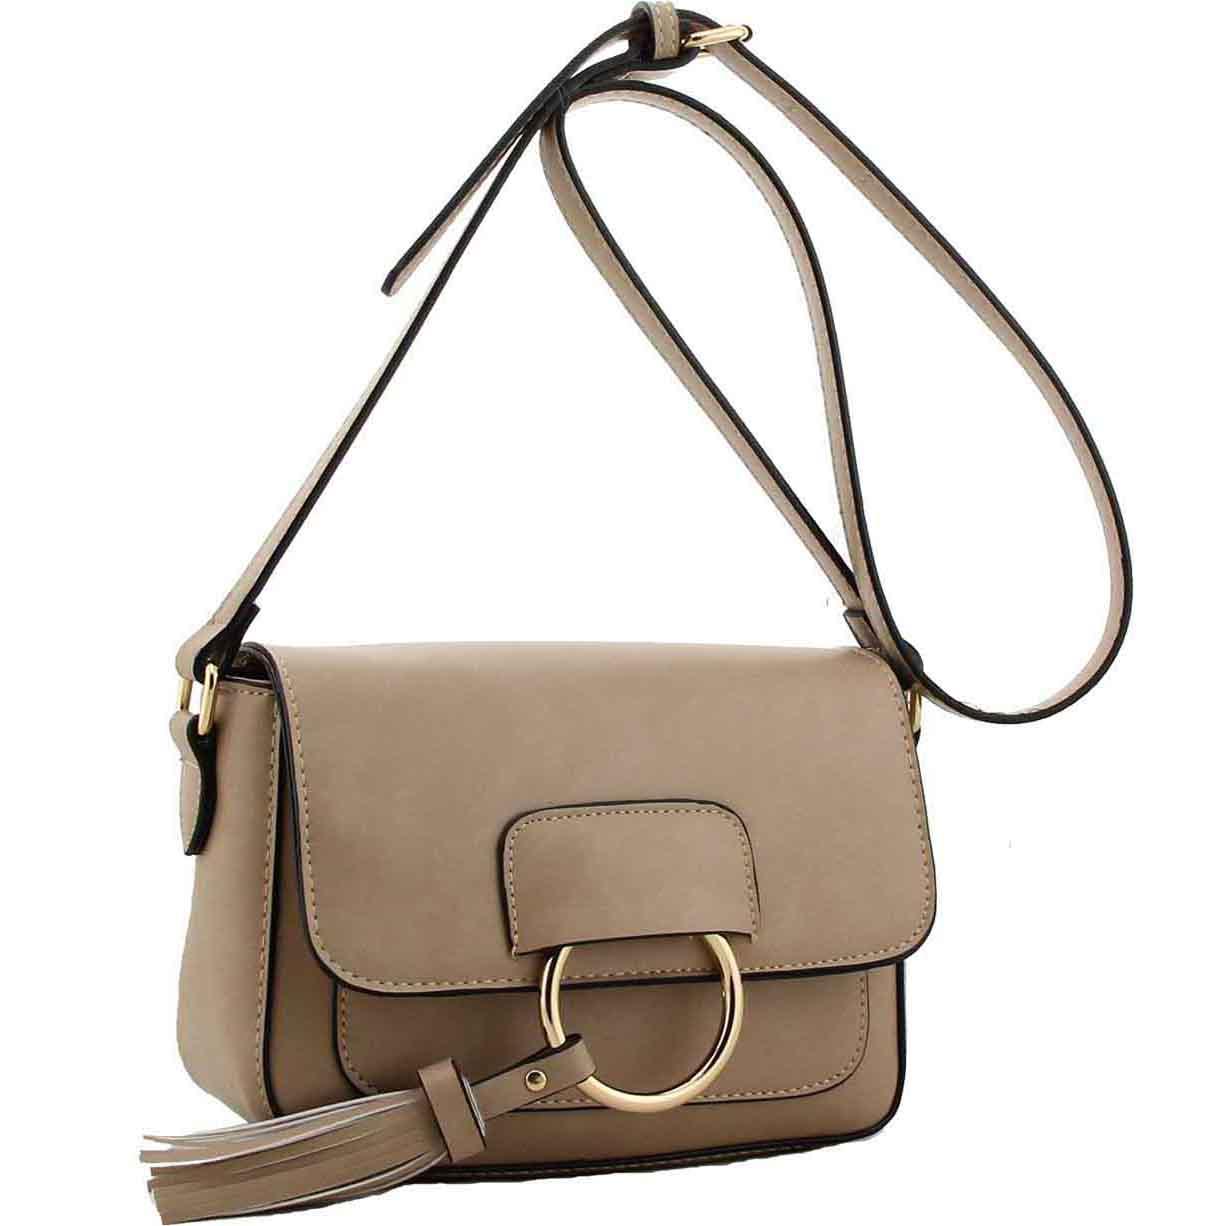 4a4baf40620d H1654 - Verna fashion designer handbag mink ~ BAGZONE - Suppliers of ...